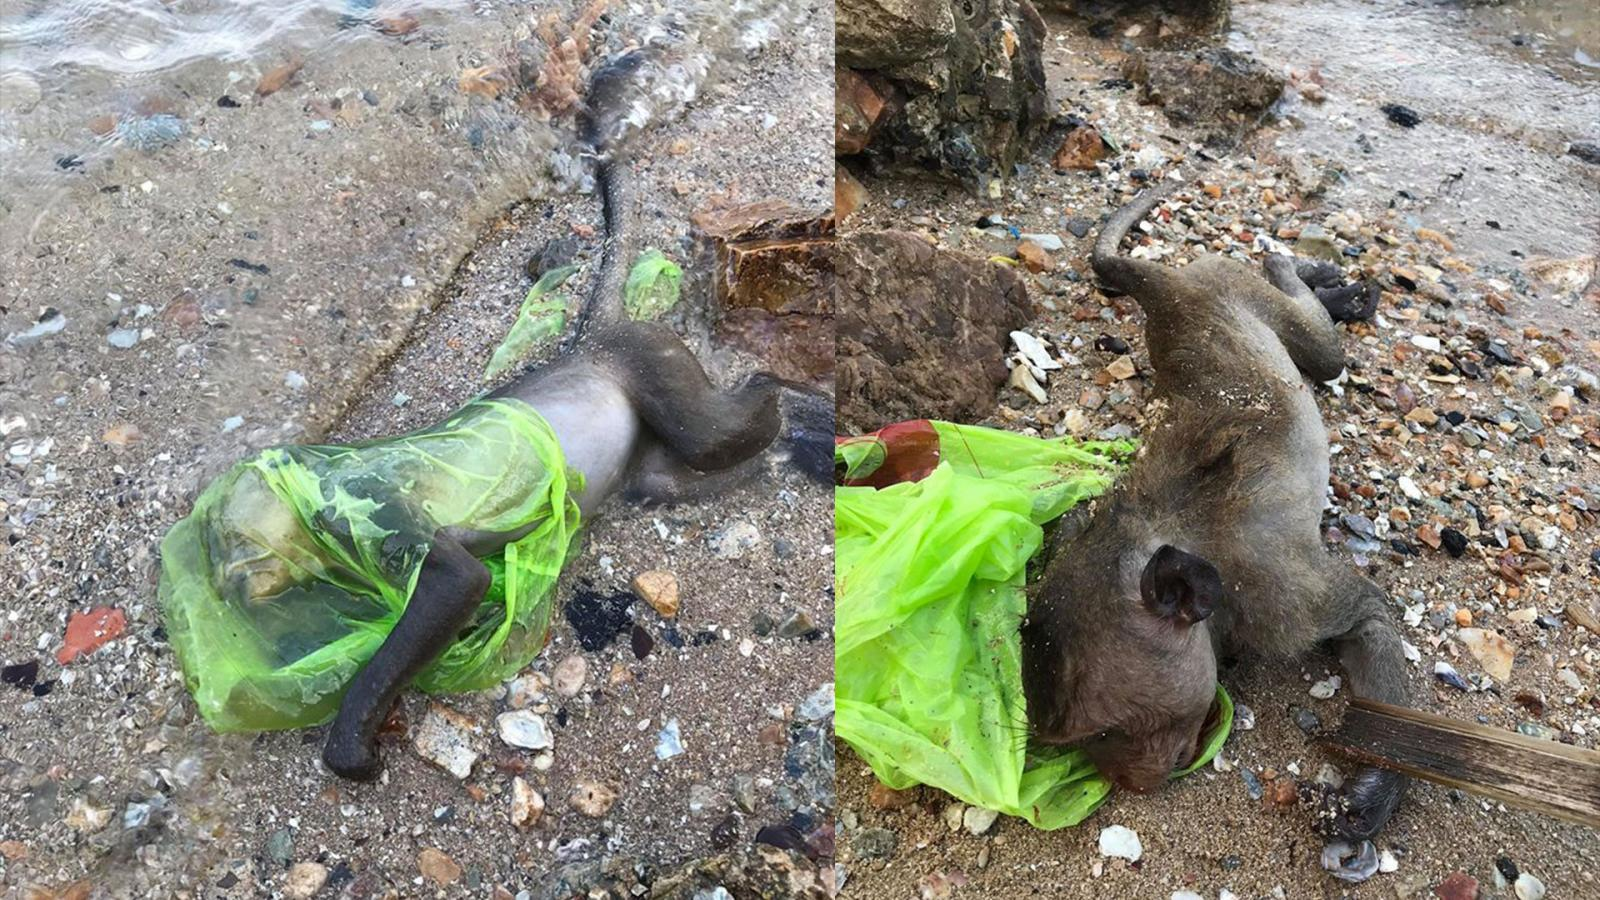 สลด! ลิงมุดหัวกินอาหารในถุงพลาสติกขาดอากาศหายใจดับอนาถ